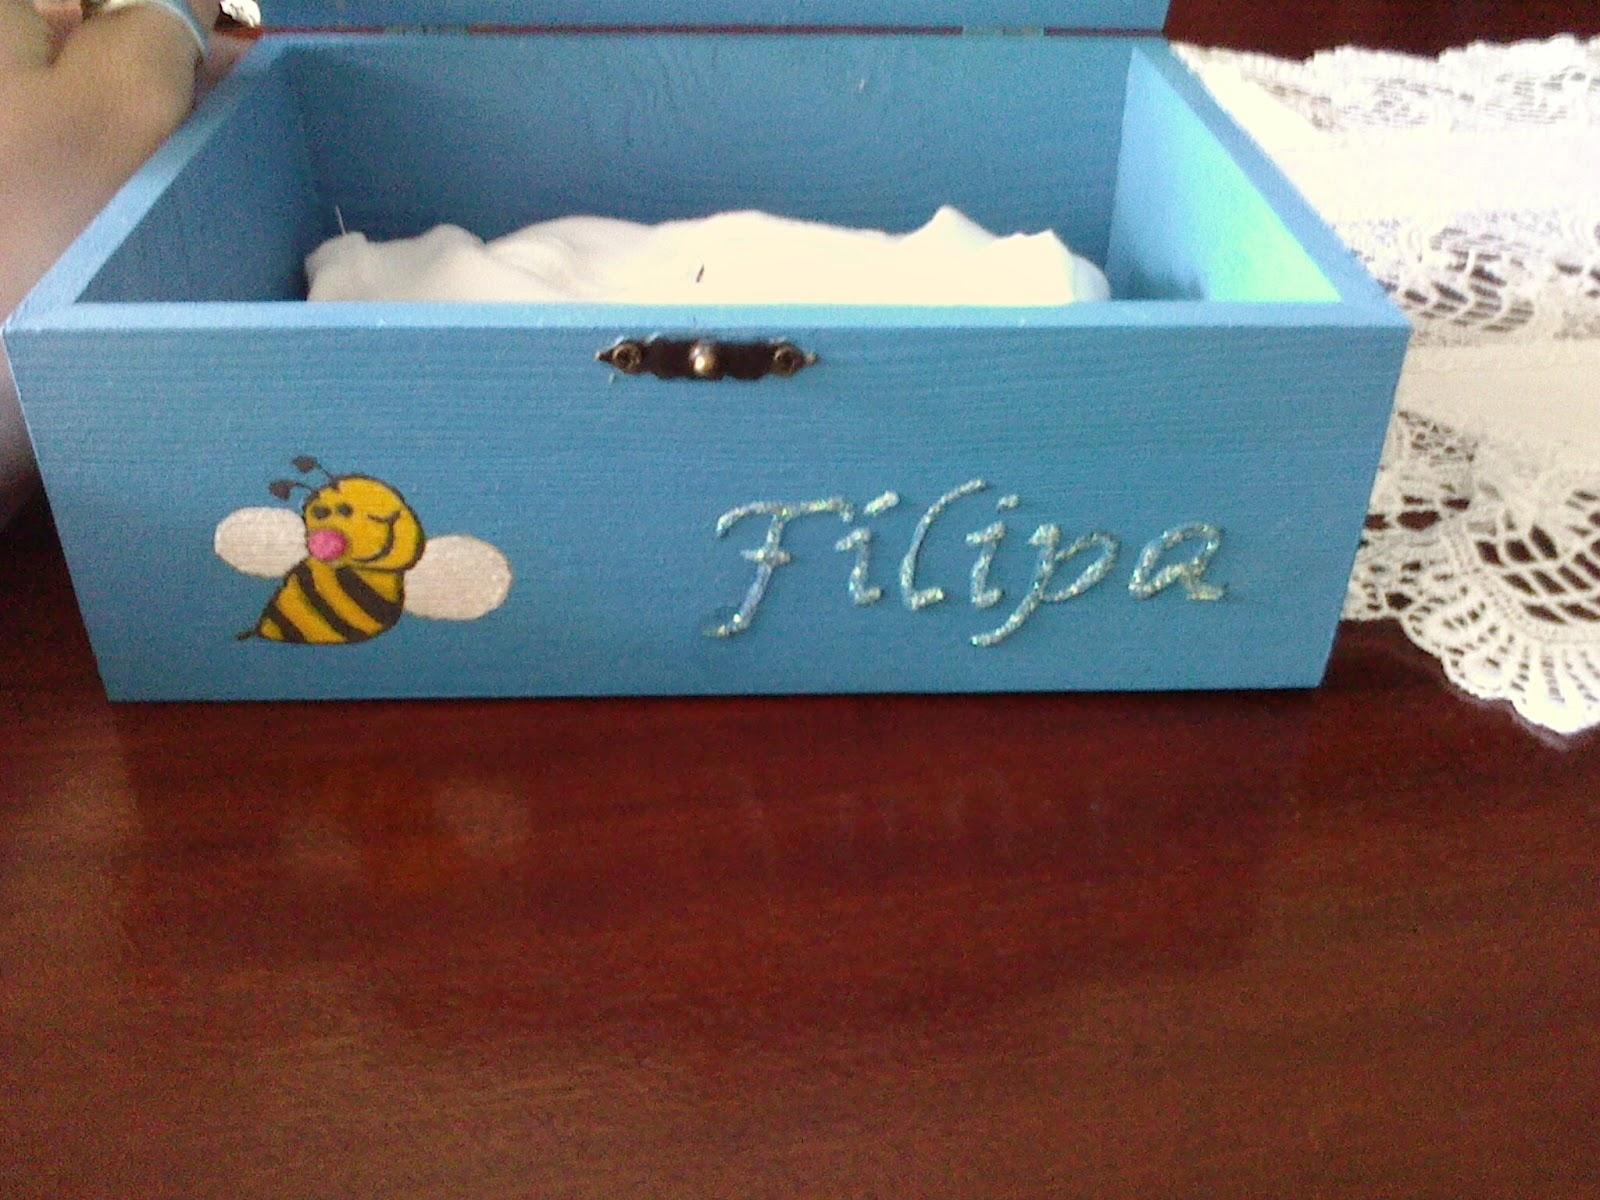 meu novo Cantinho: Caixa de madeira pintada à mão #2984A2 1600x1200